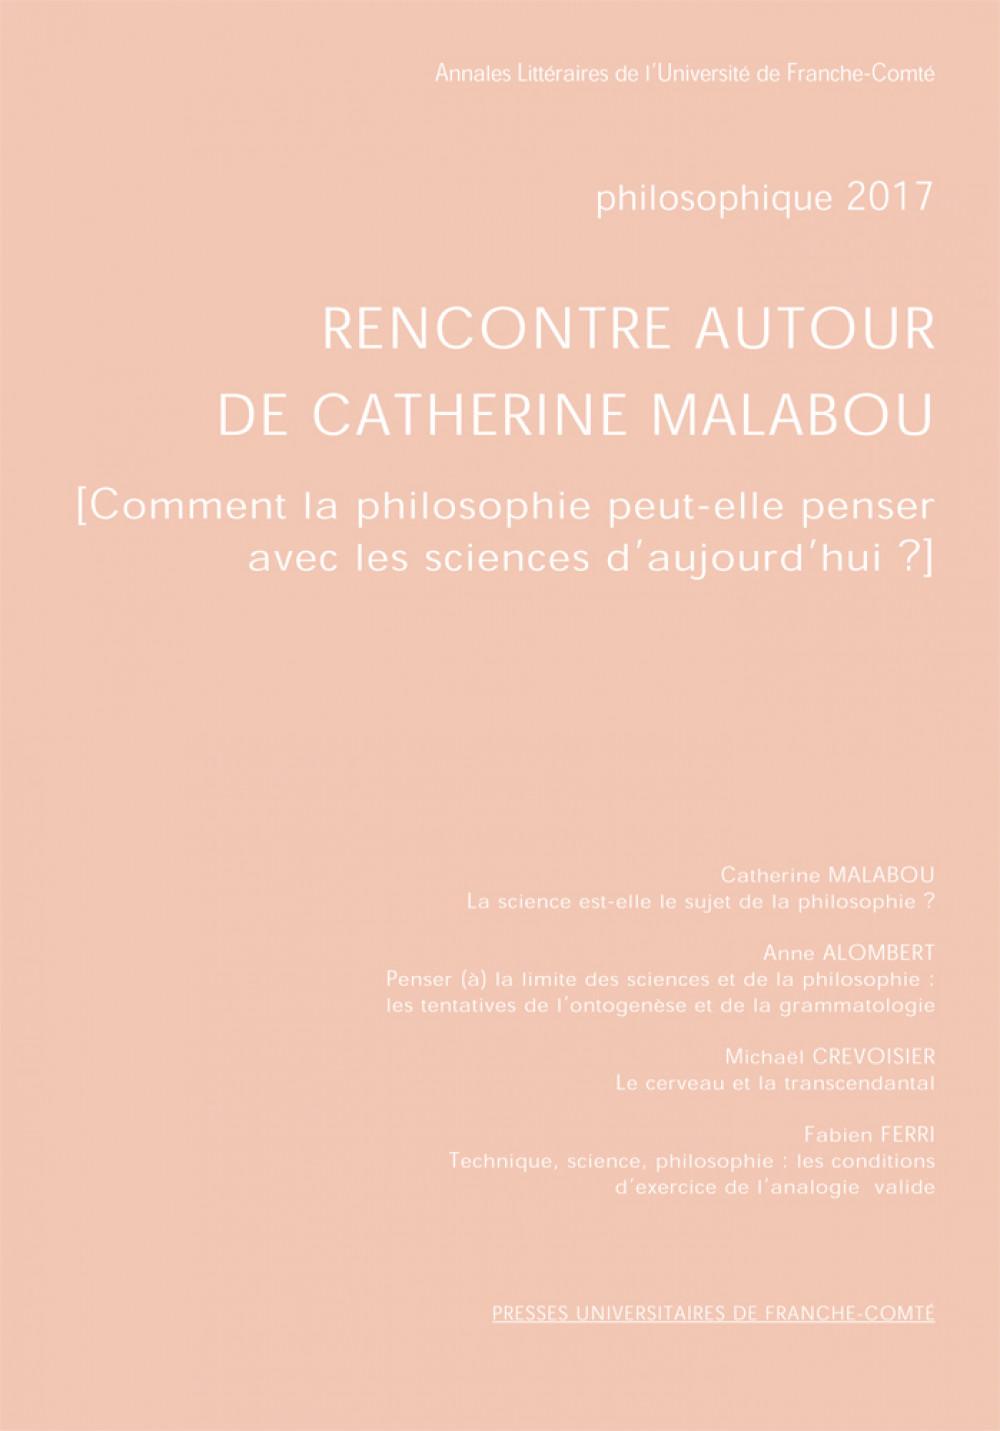 Rencontre autour de Catherine Malabou